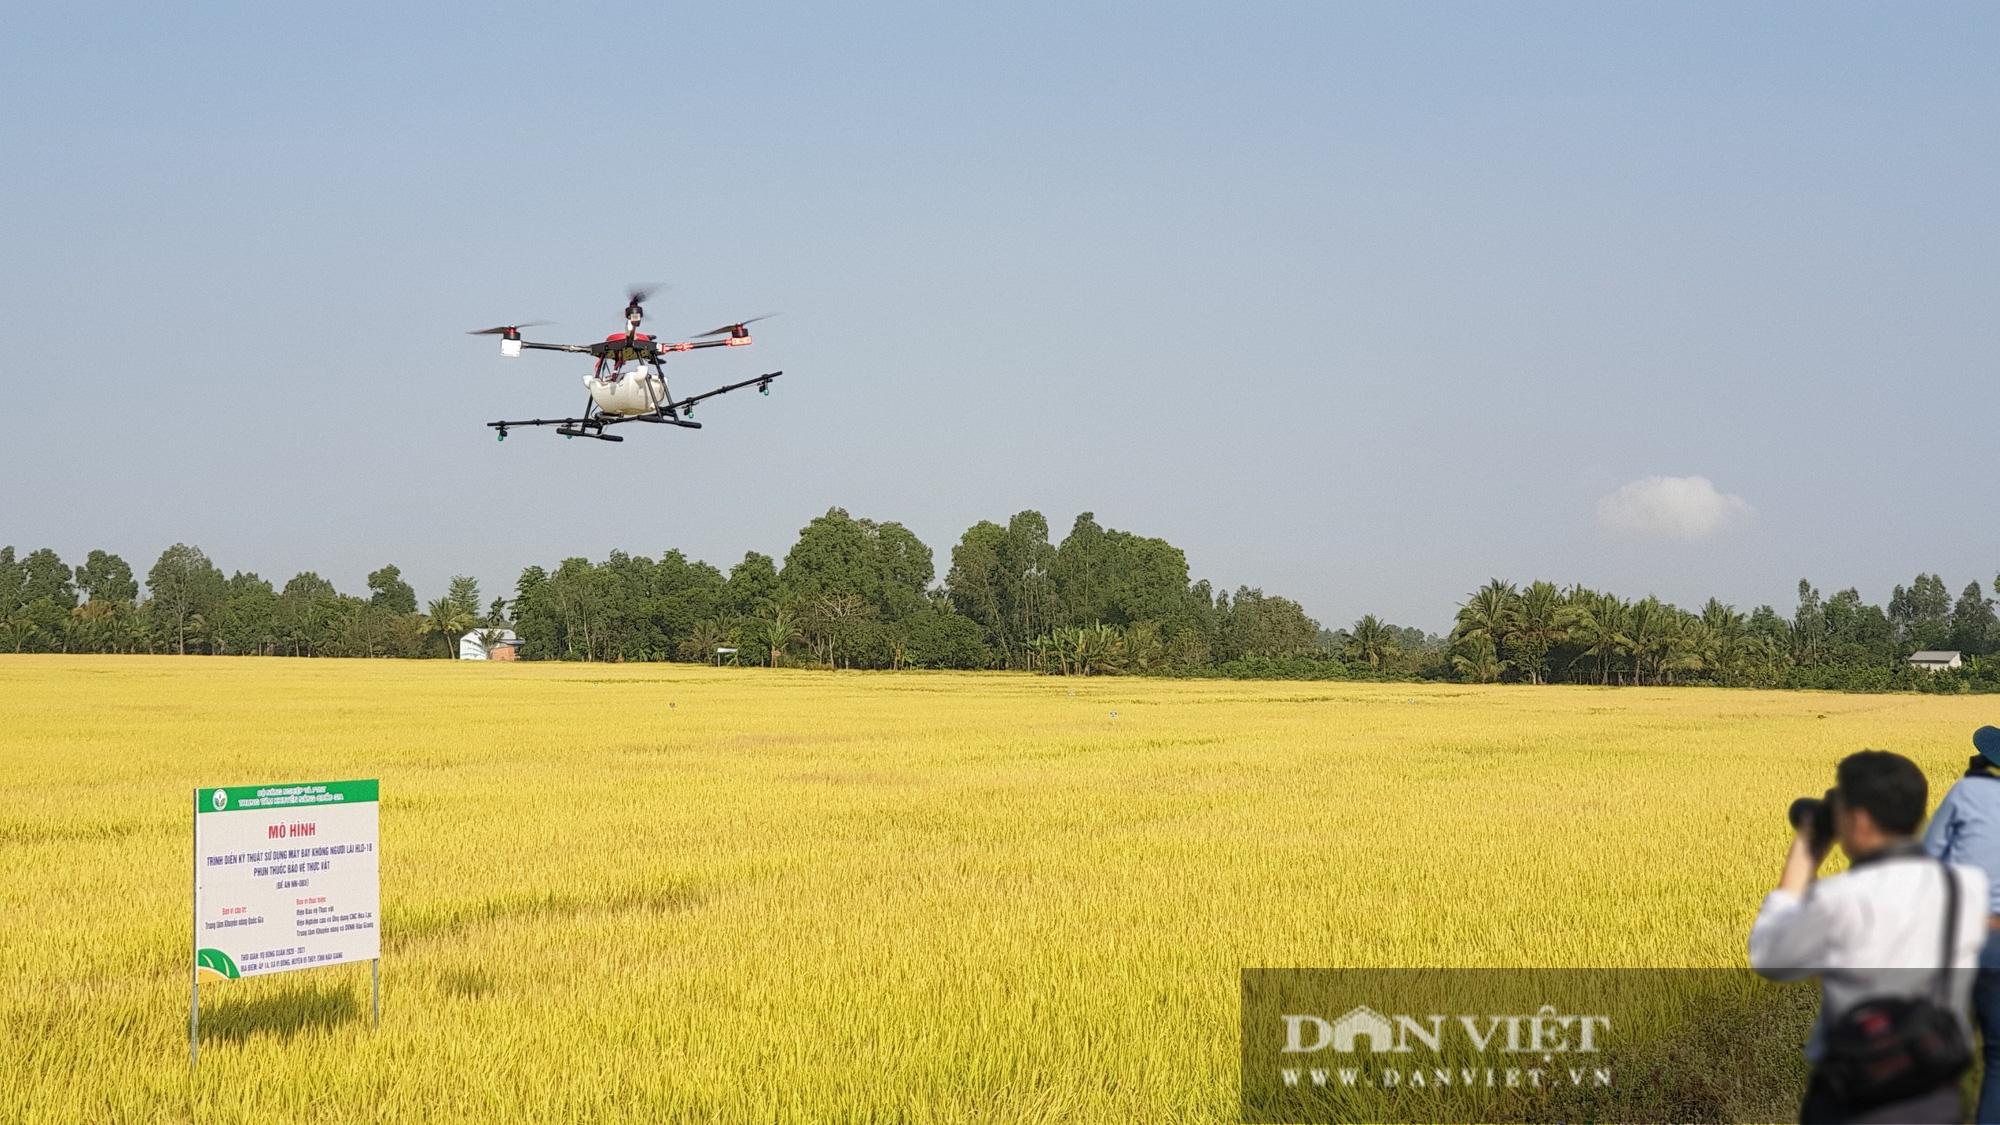 Hậu Giang: Trình diễn sử dụng máy bay không người lái HLD-18 phun thuốc bảo vệ thực vật trên lúa - Ảnh 3.